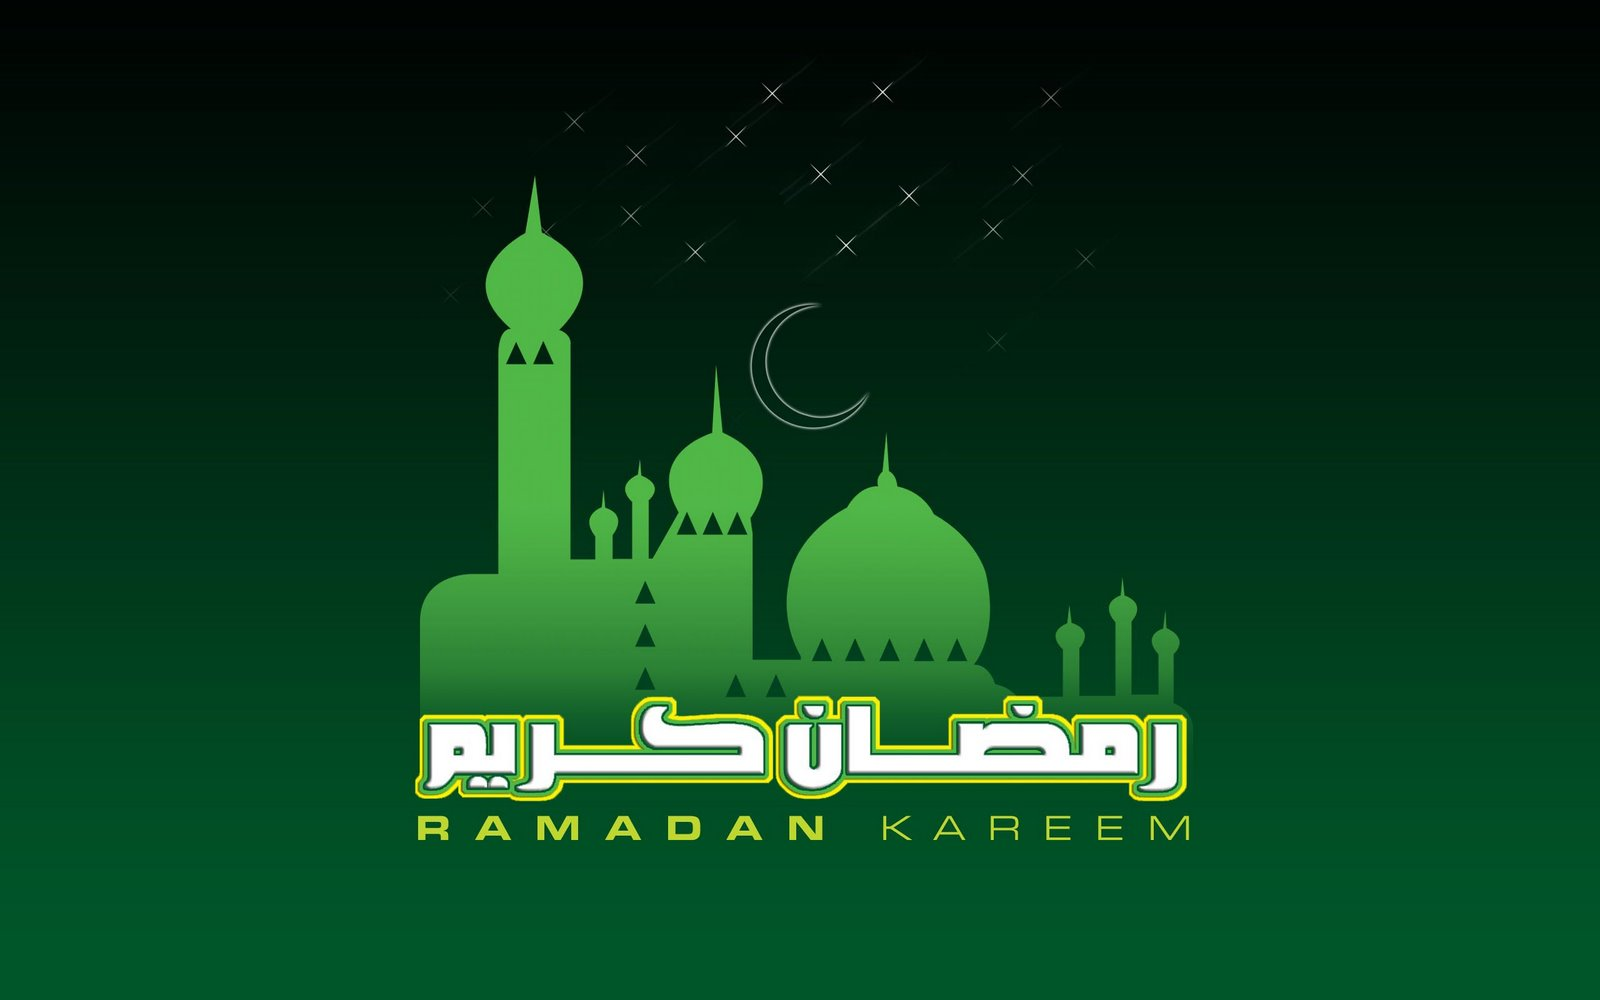 http://3.bp.blogspot.com/_BvTQDfwLKYY/TGJkzyjv1EI/AAAAAAAABTQ/CnUwP0t9zNI/s1600/Ramadan_Mubarak+(22).jpg